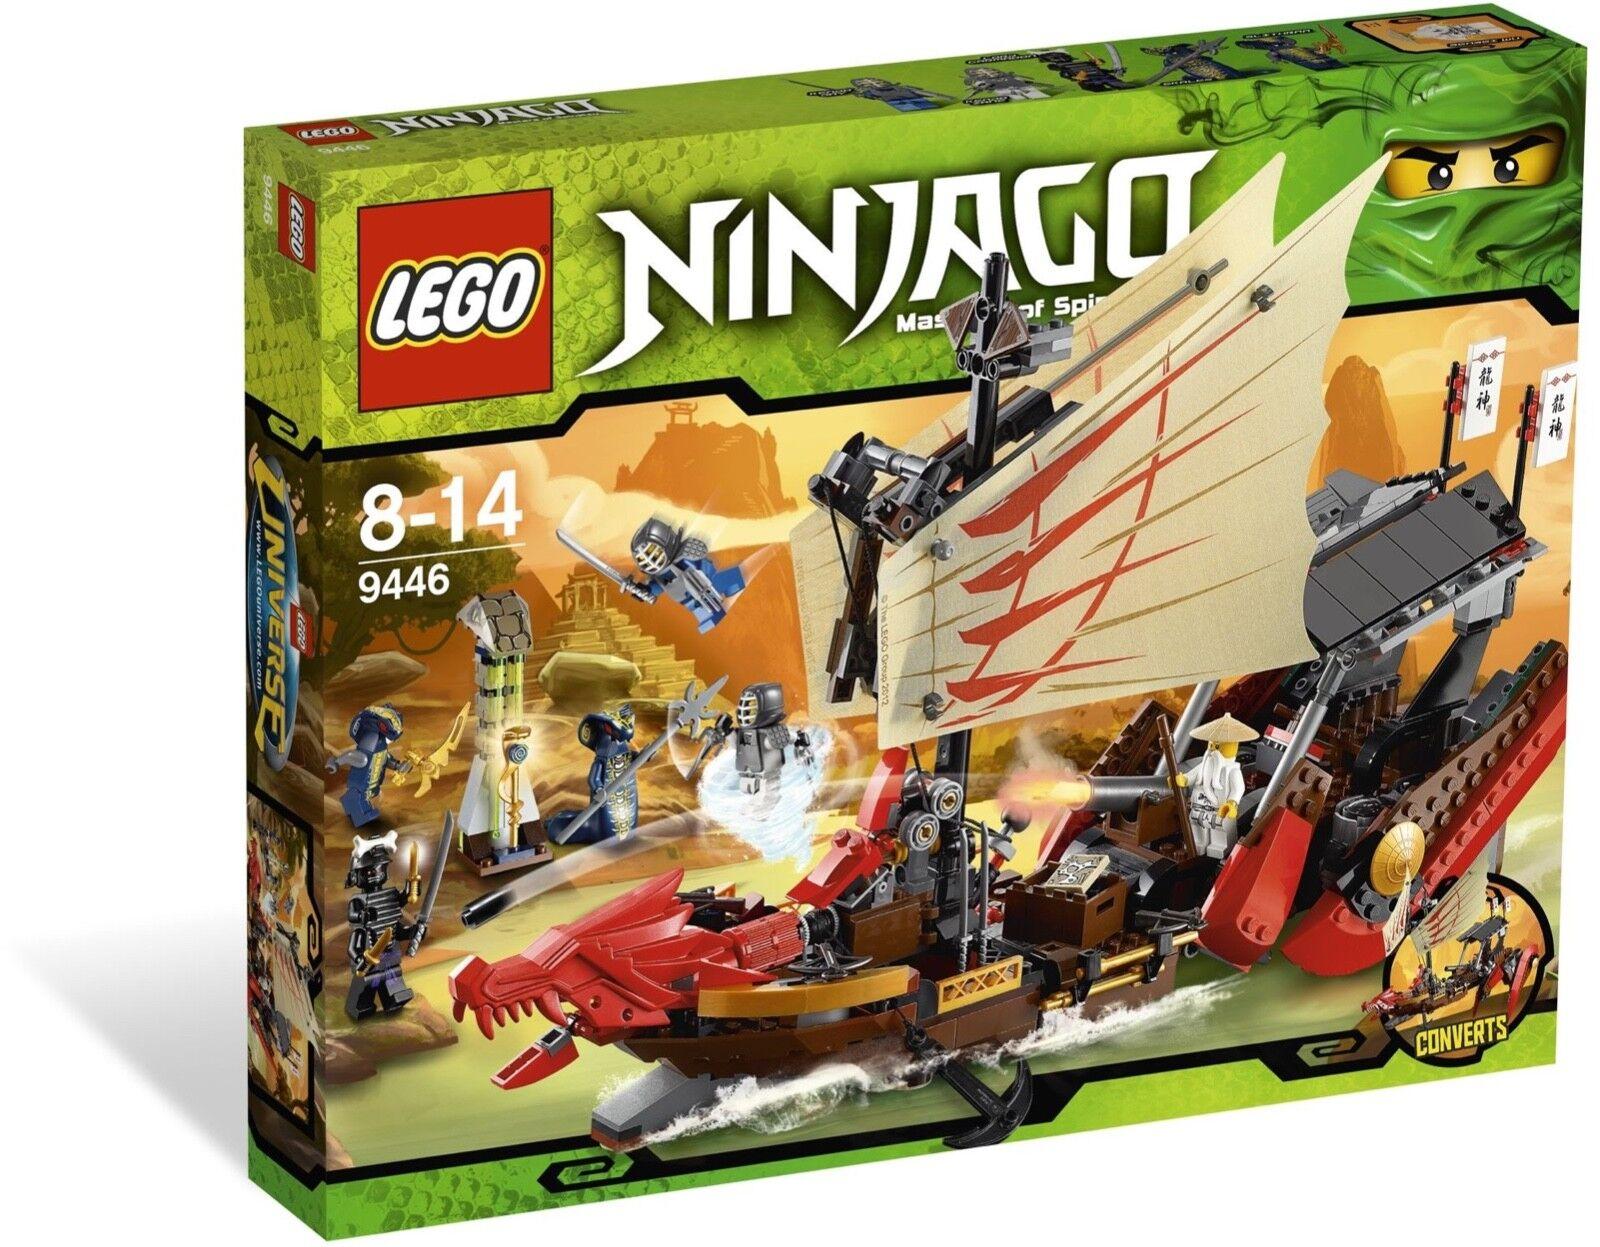 Lego Ninjago 9446 Destiny's Bounty Nuevo Sellado Wu Kendo 2012 subida serpientes Skales